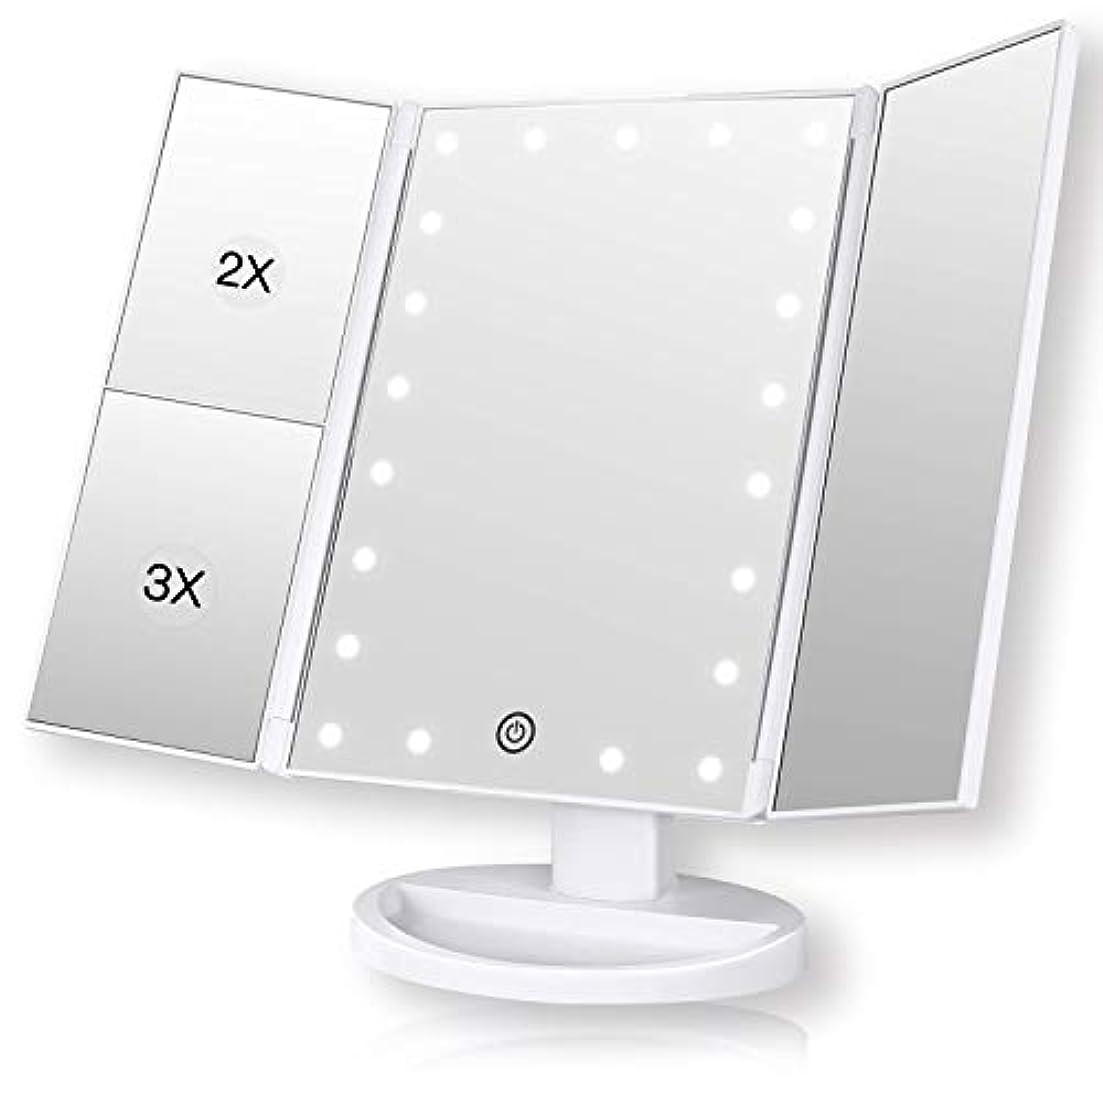 認可校長多くの危険がある状況ROZZERMAN 化粧鏡 卓上ミラー 三面鏡 ledライト 女優ミラー 折りたたみ 持ち運び 拡大鏡 2倍 3倍 角度調整